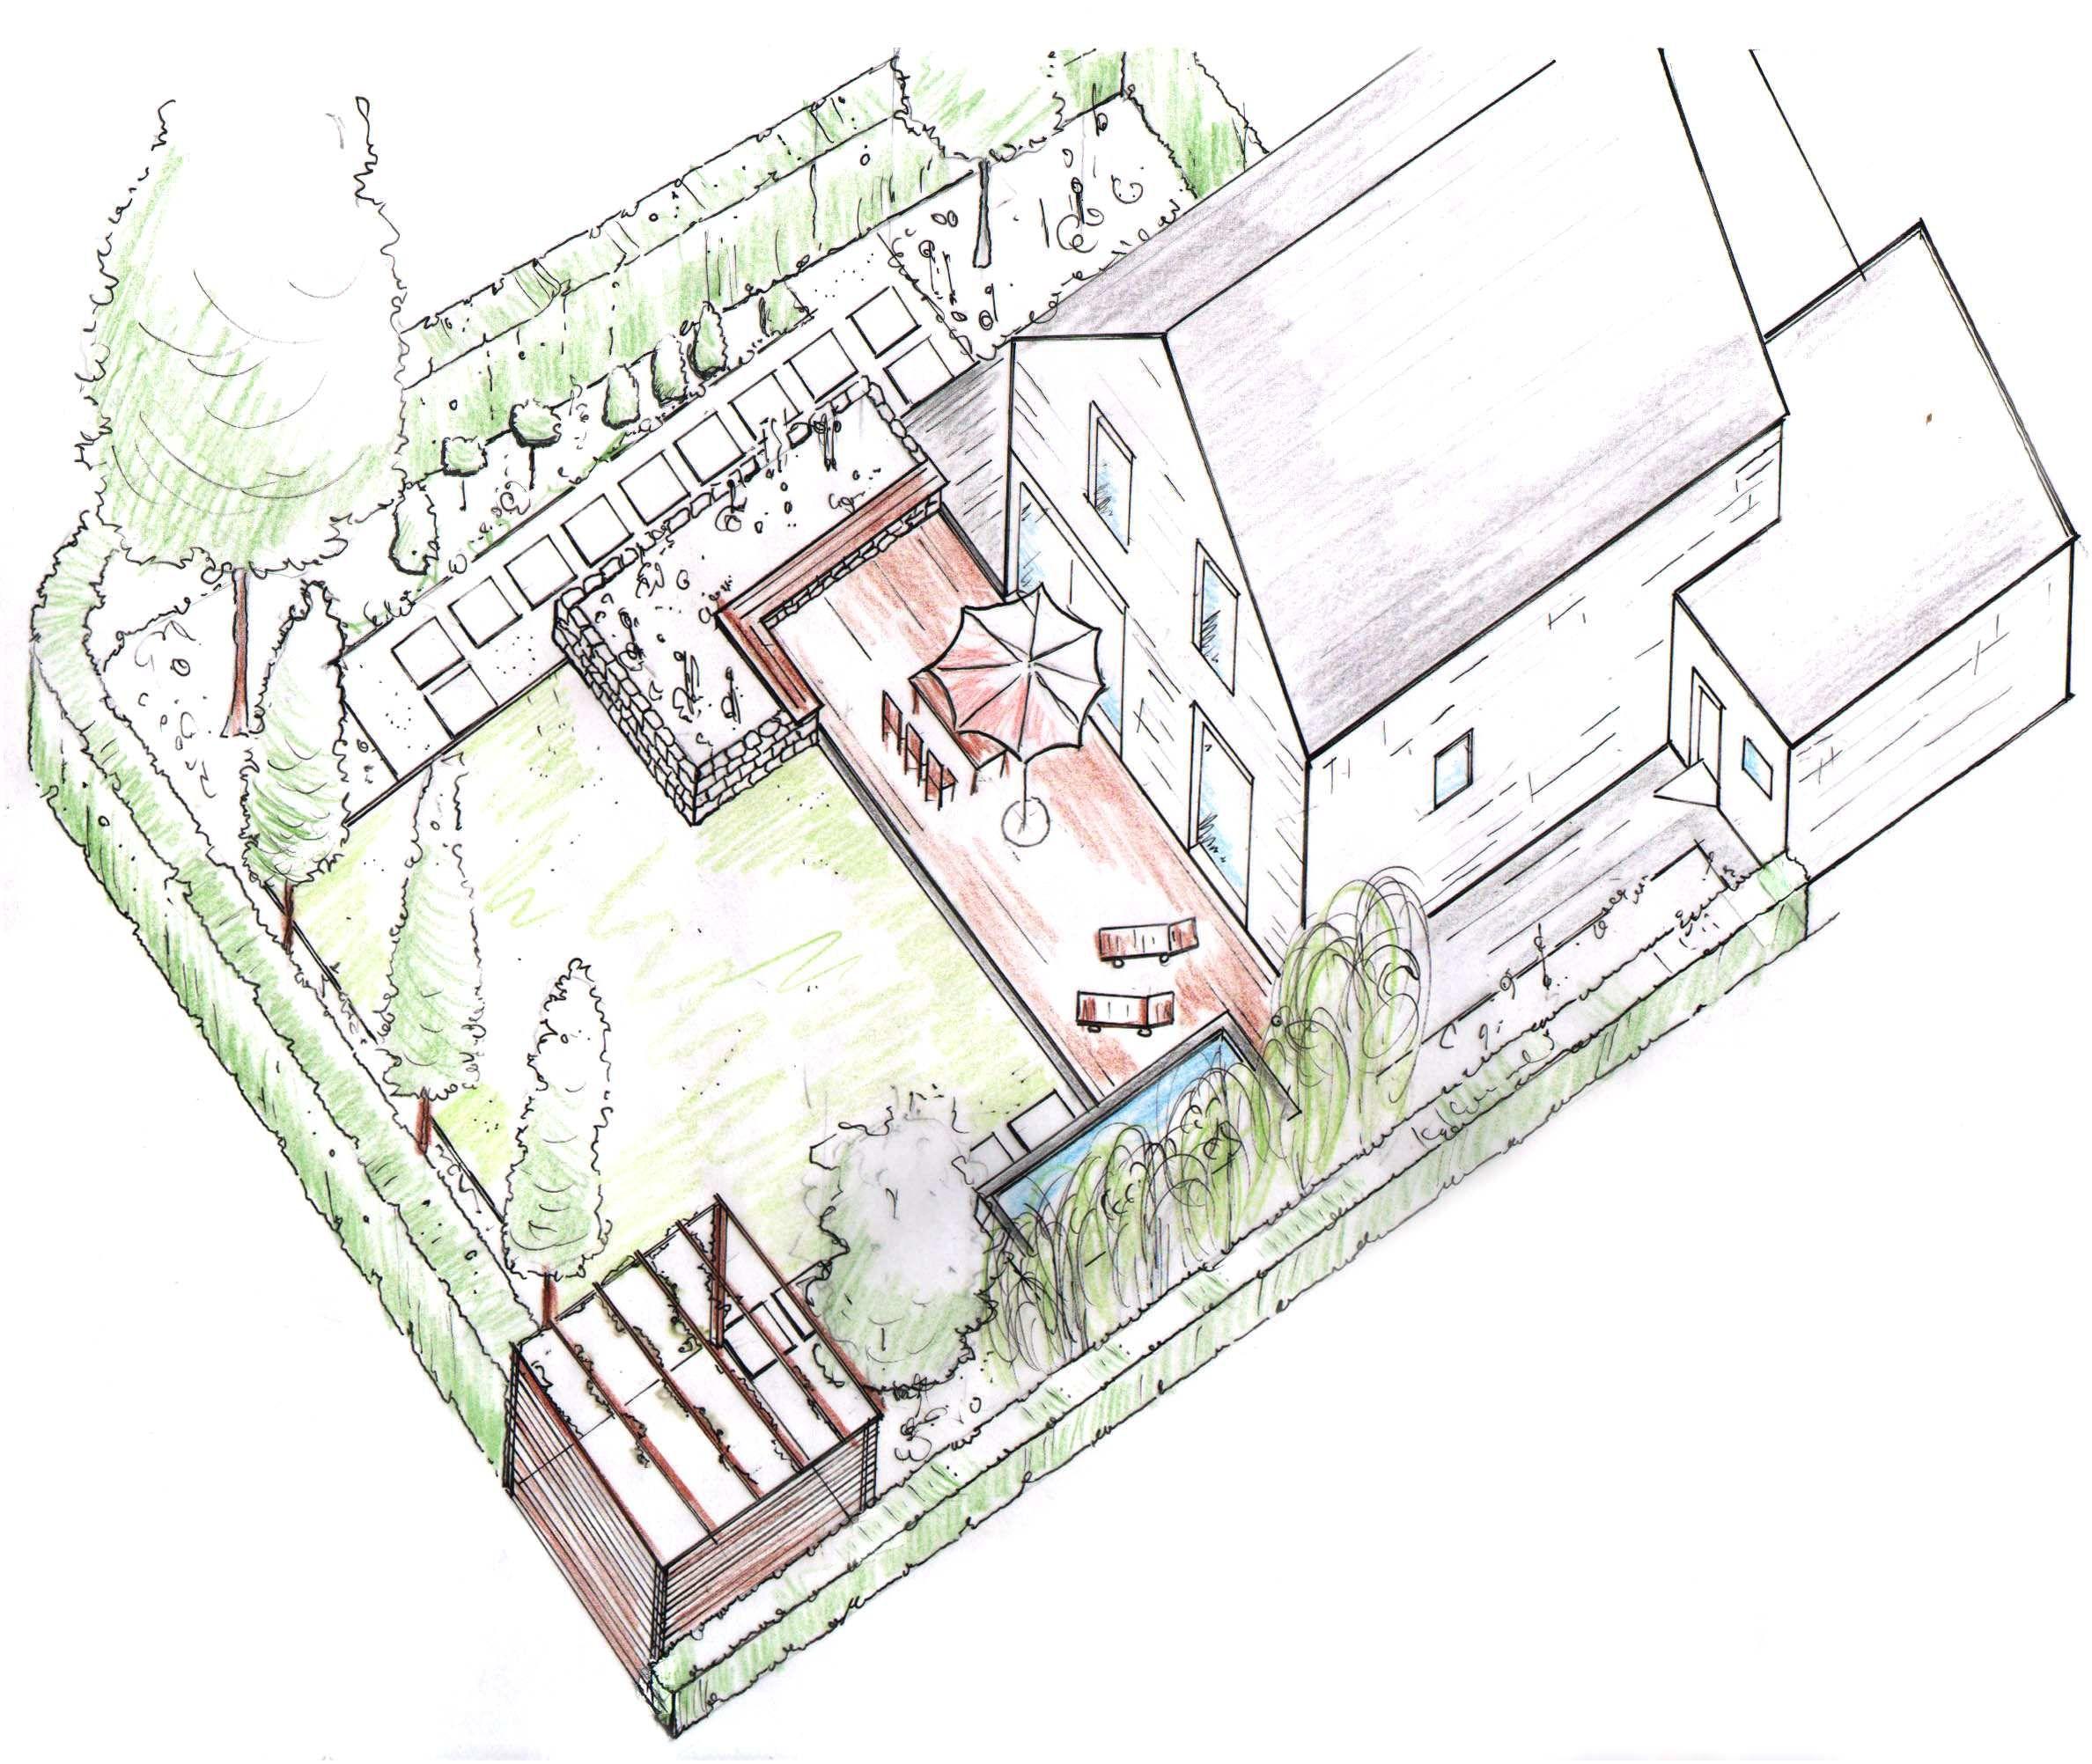 Elegant Reinhard Bode Gartendesign Gartenplanung Gartengestaltung Gartenberatung Gartenarchitektur M nster